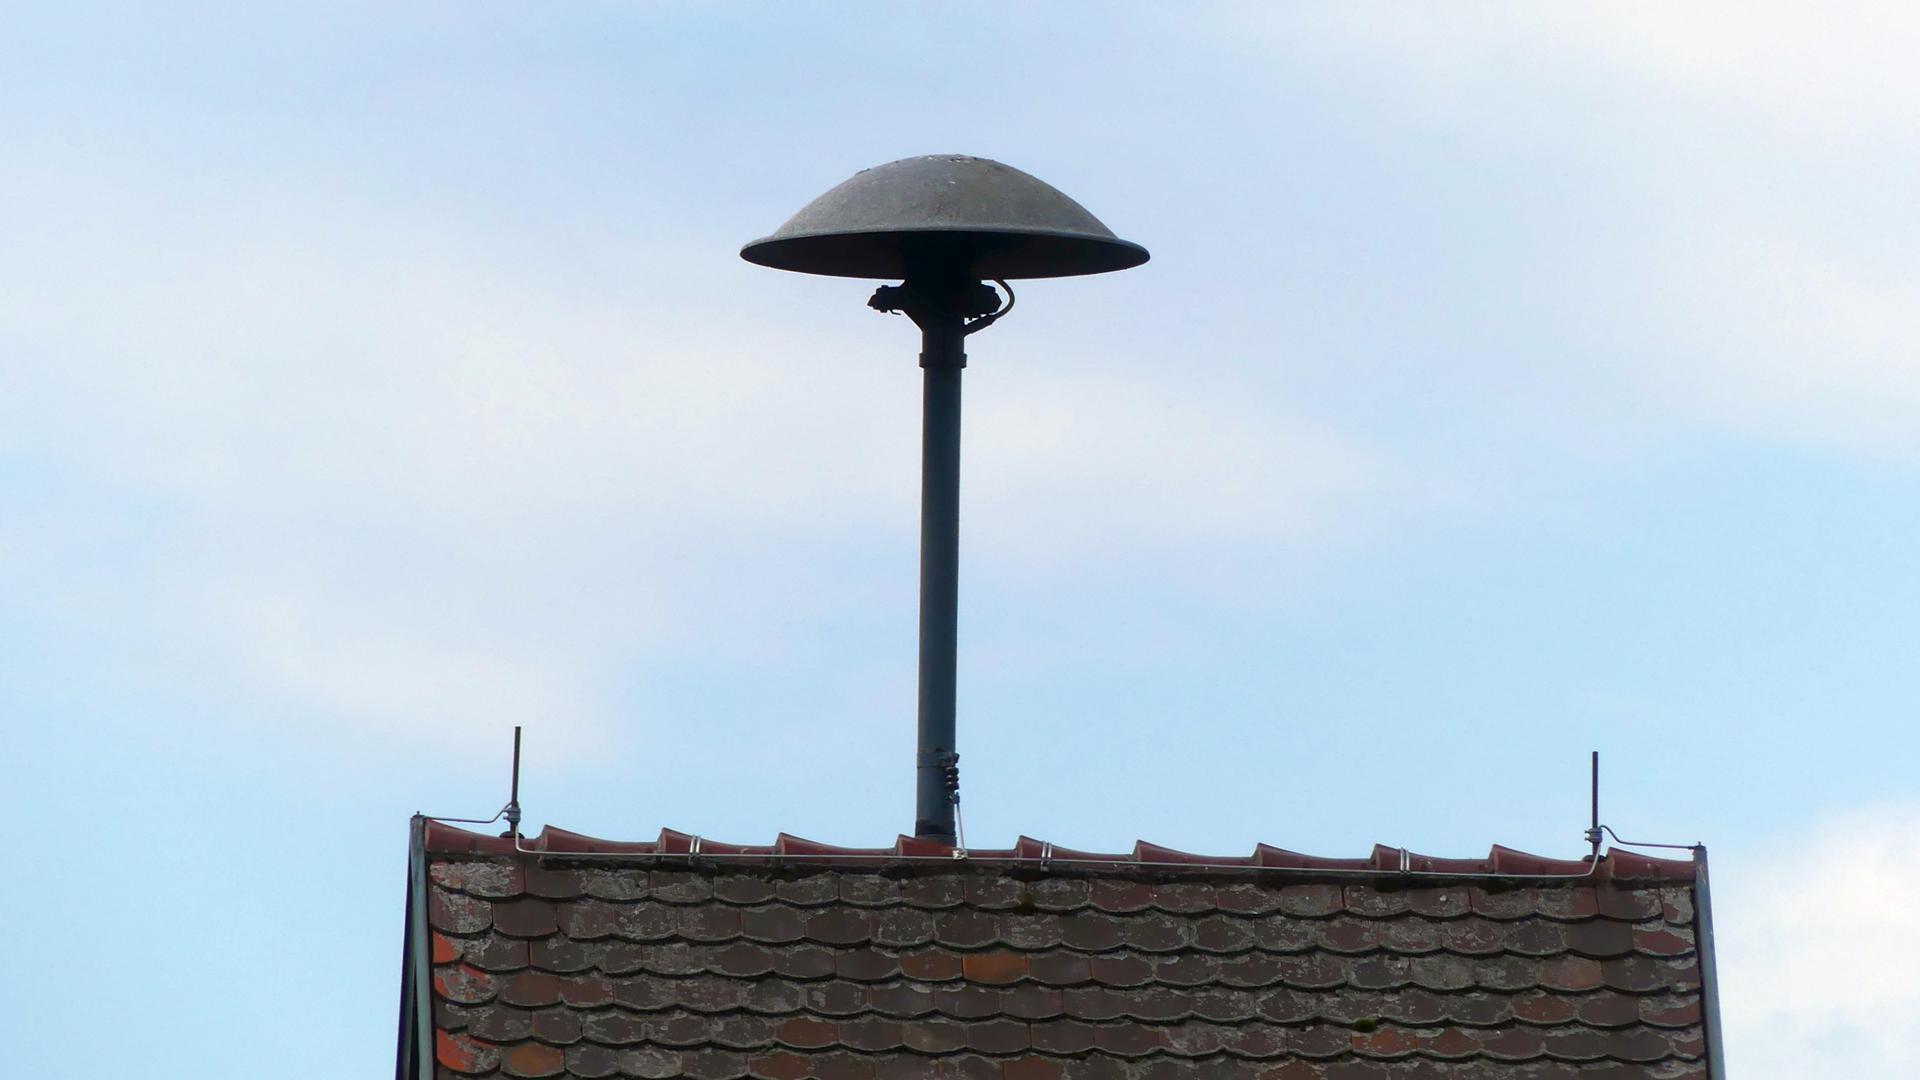 Kein Verzicht: In Sasbachwalden wollen Gemeinde und Feuerwehr nicht auf die Sirene verzichten. Das Gerät auf dem Dach des Schlauchtrockenturms wurde digital aufgerüstet.